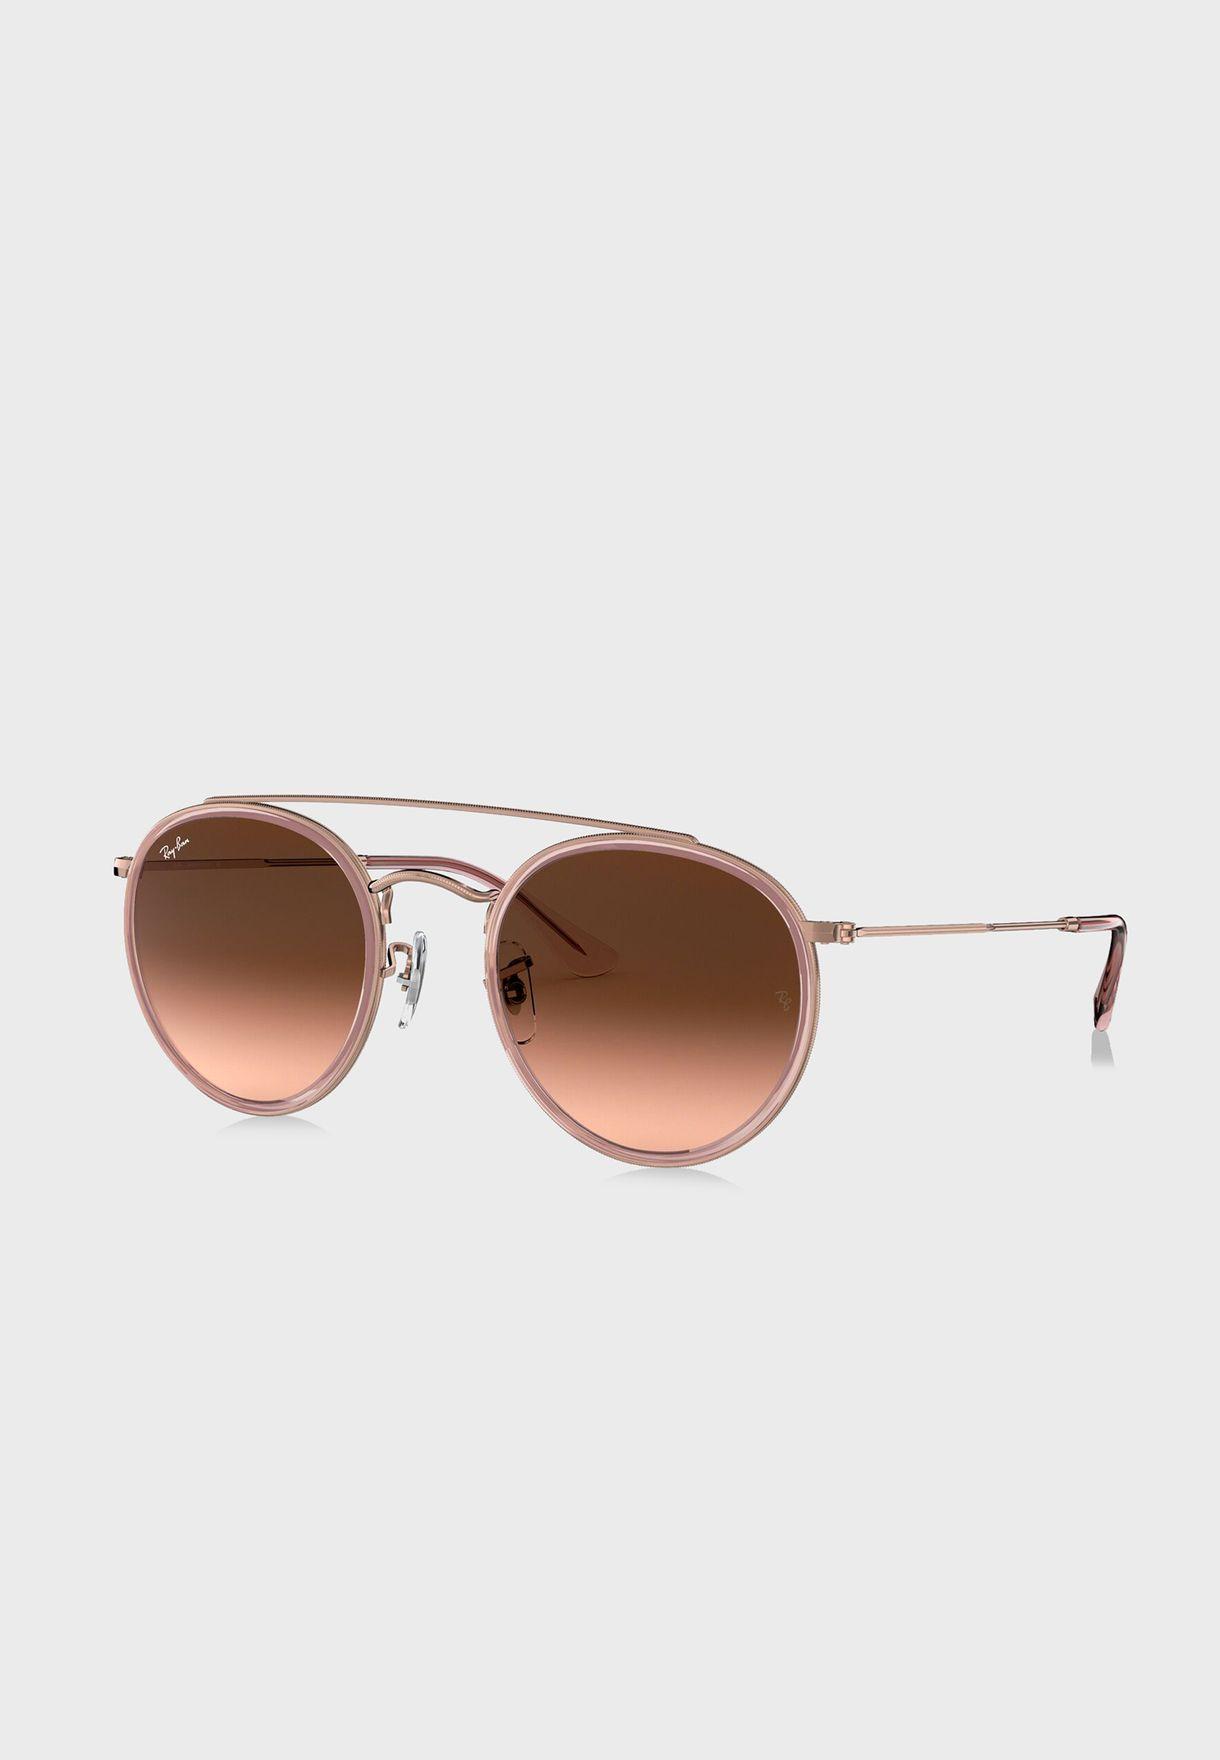 0RB3647N -Round Double Bridge Sunglasses